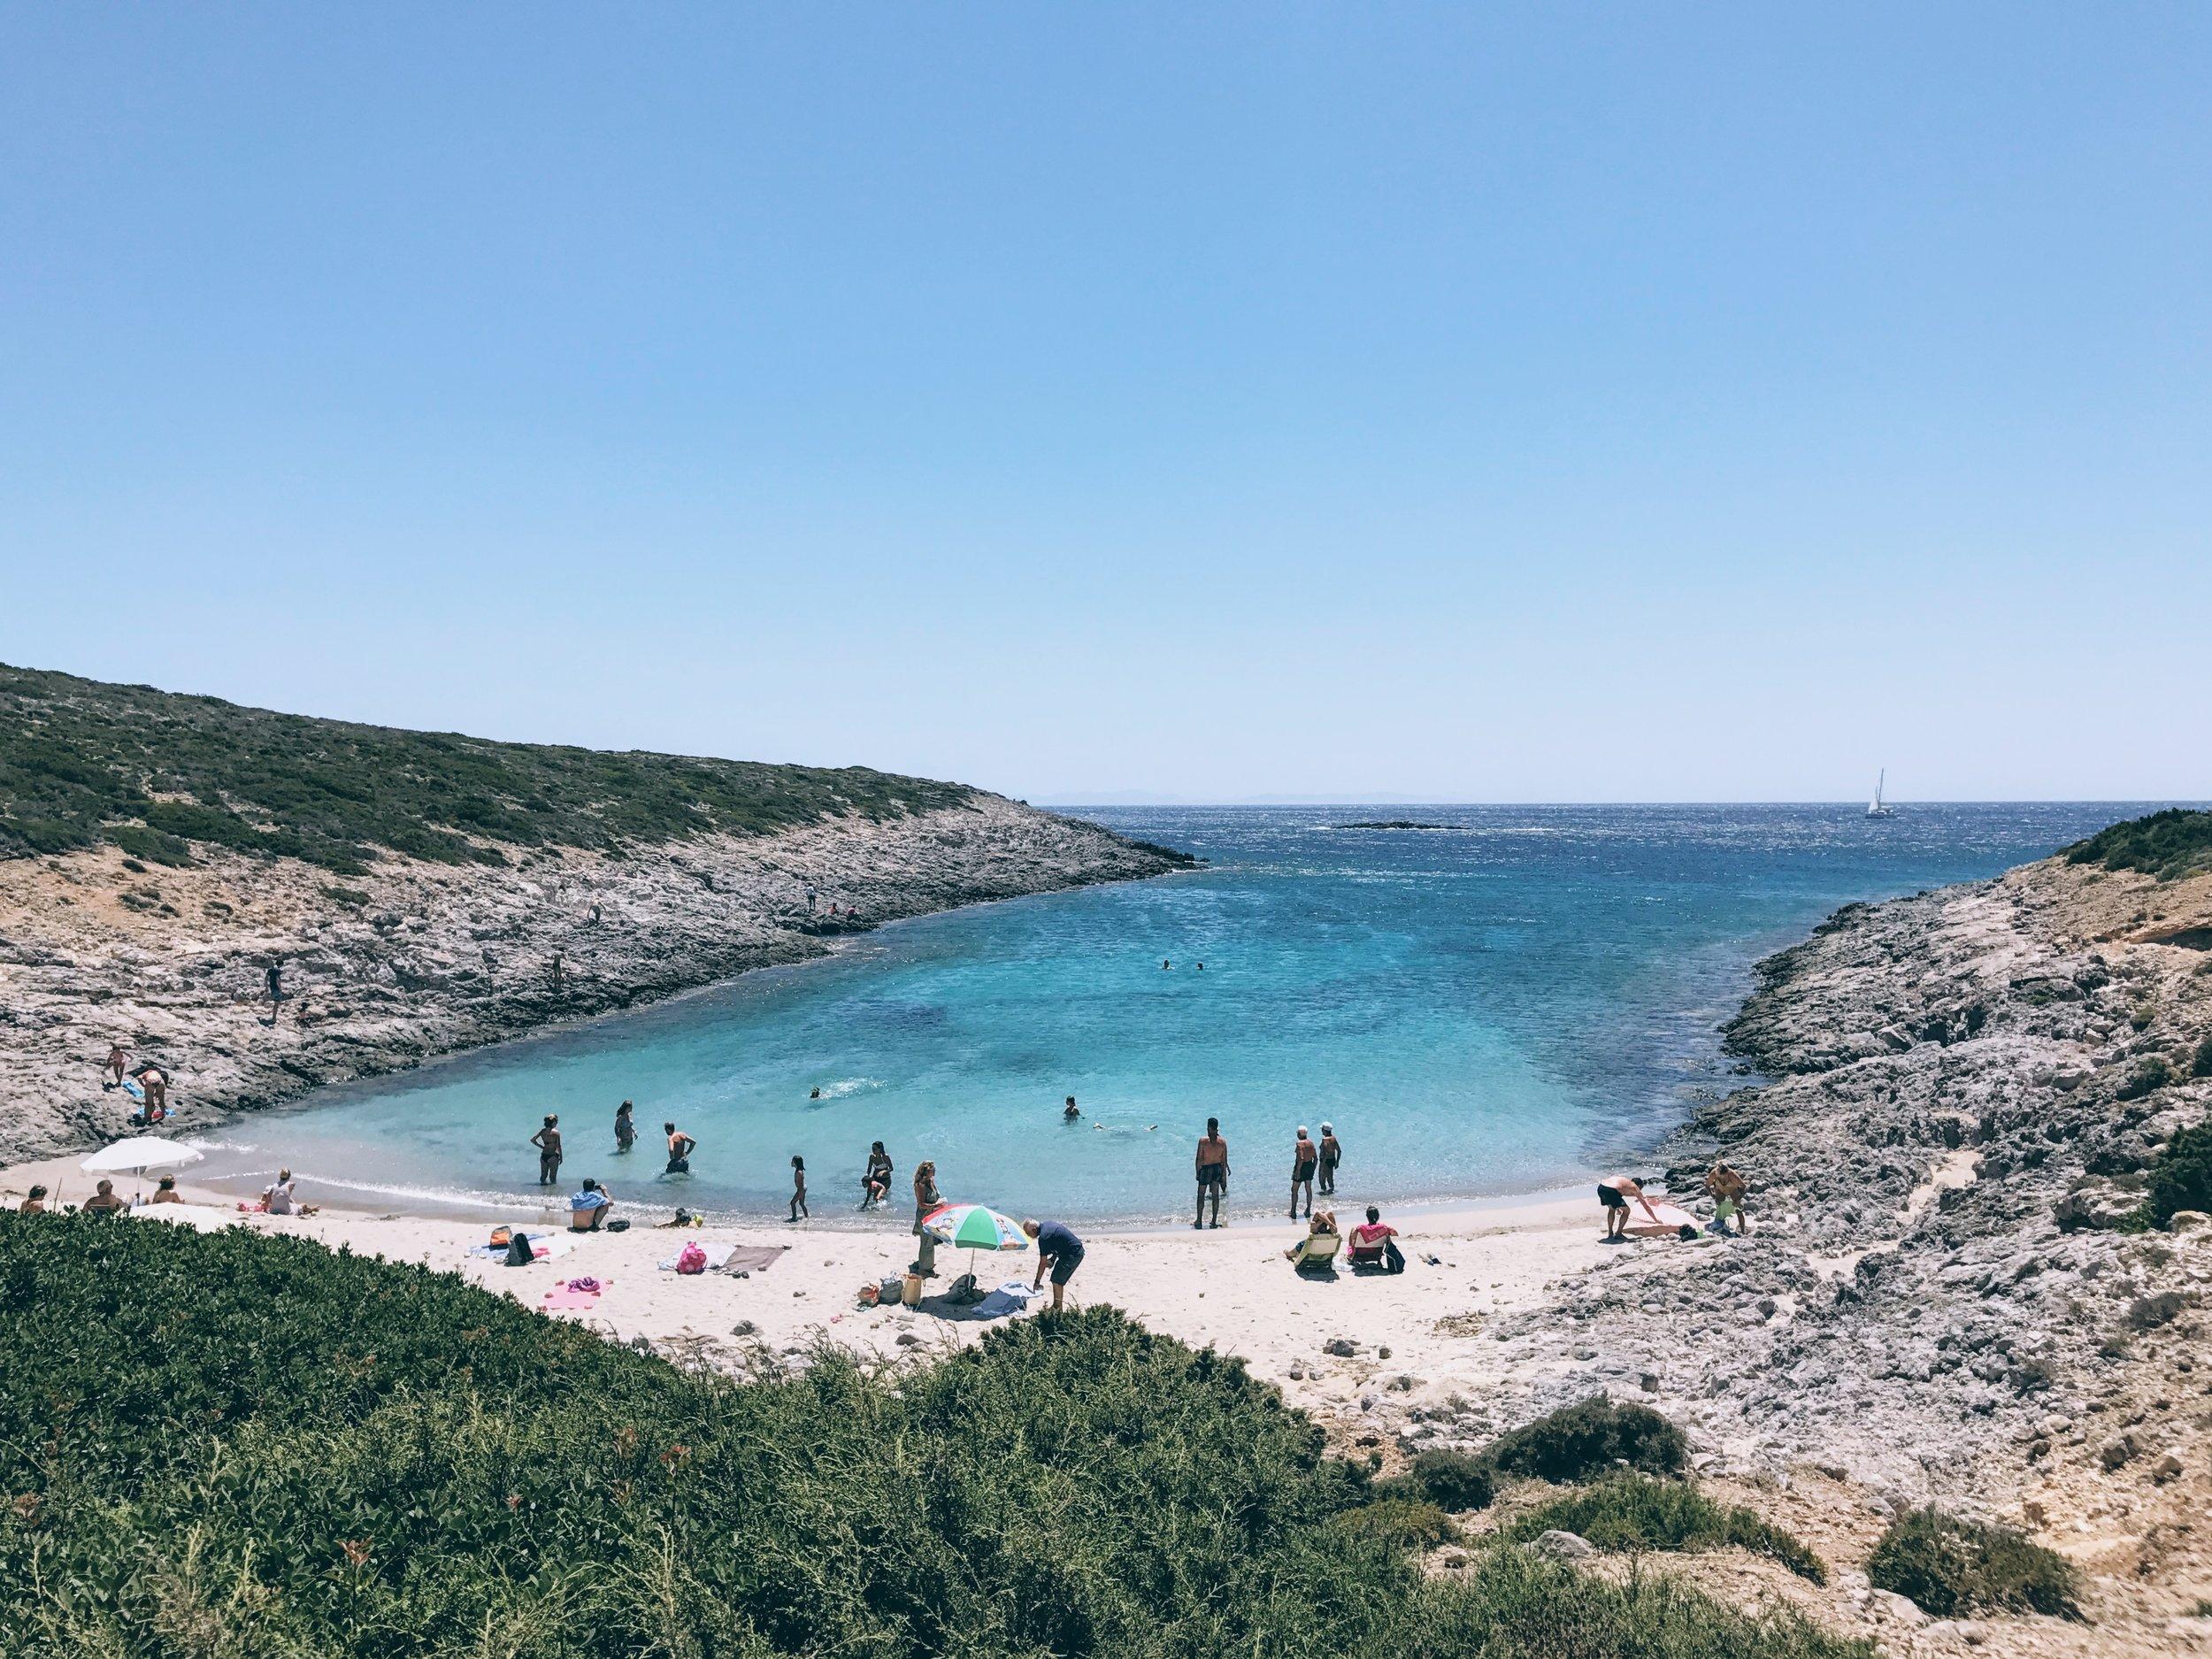 Gorgeous setting at Panagia Faneromeni beach